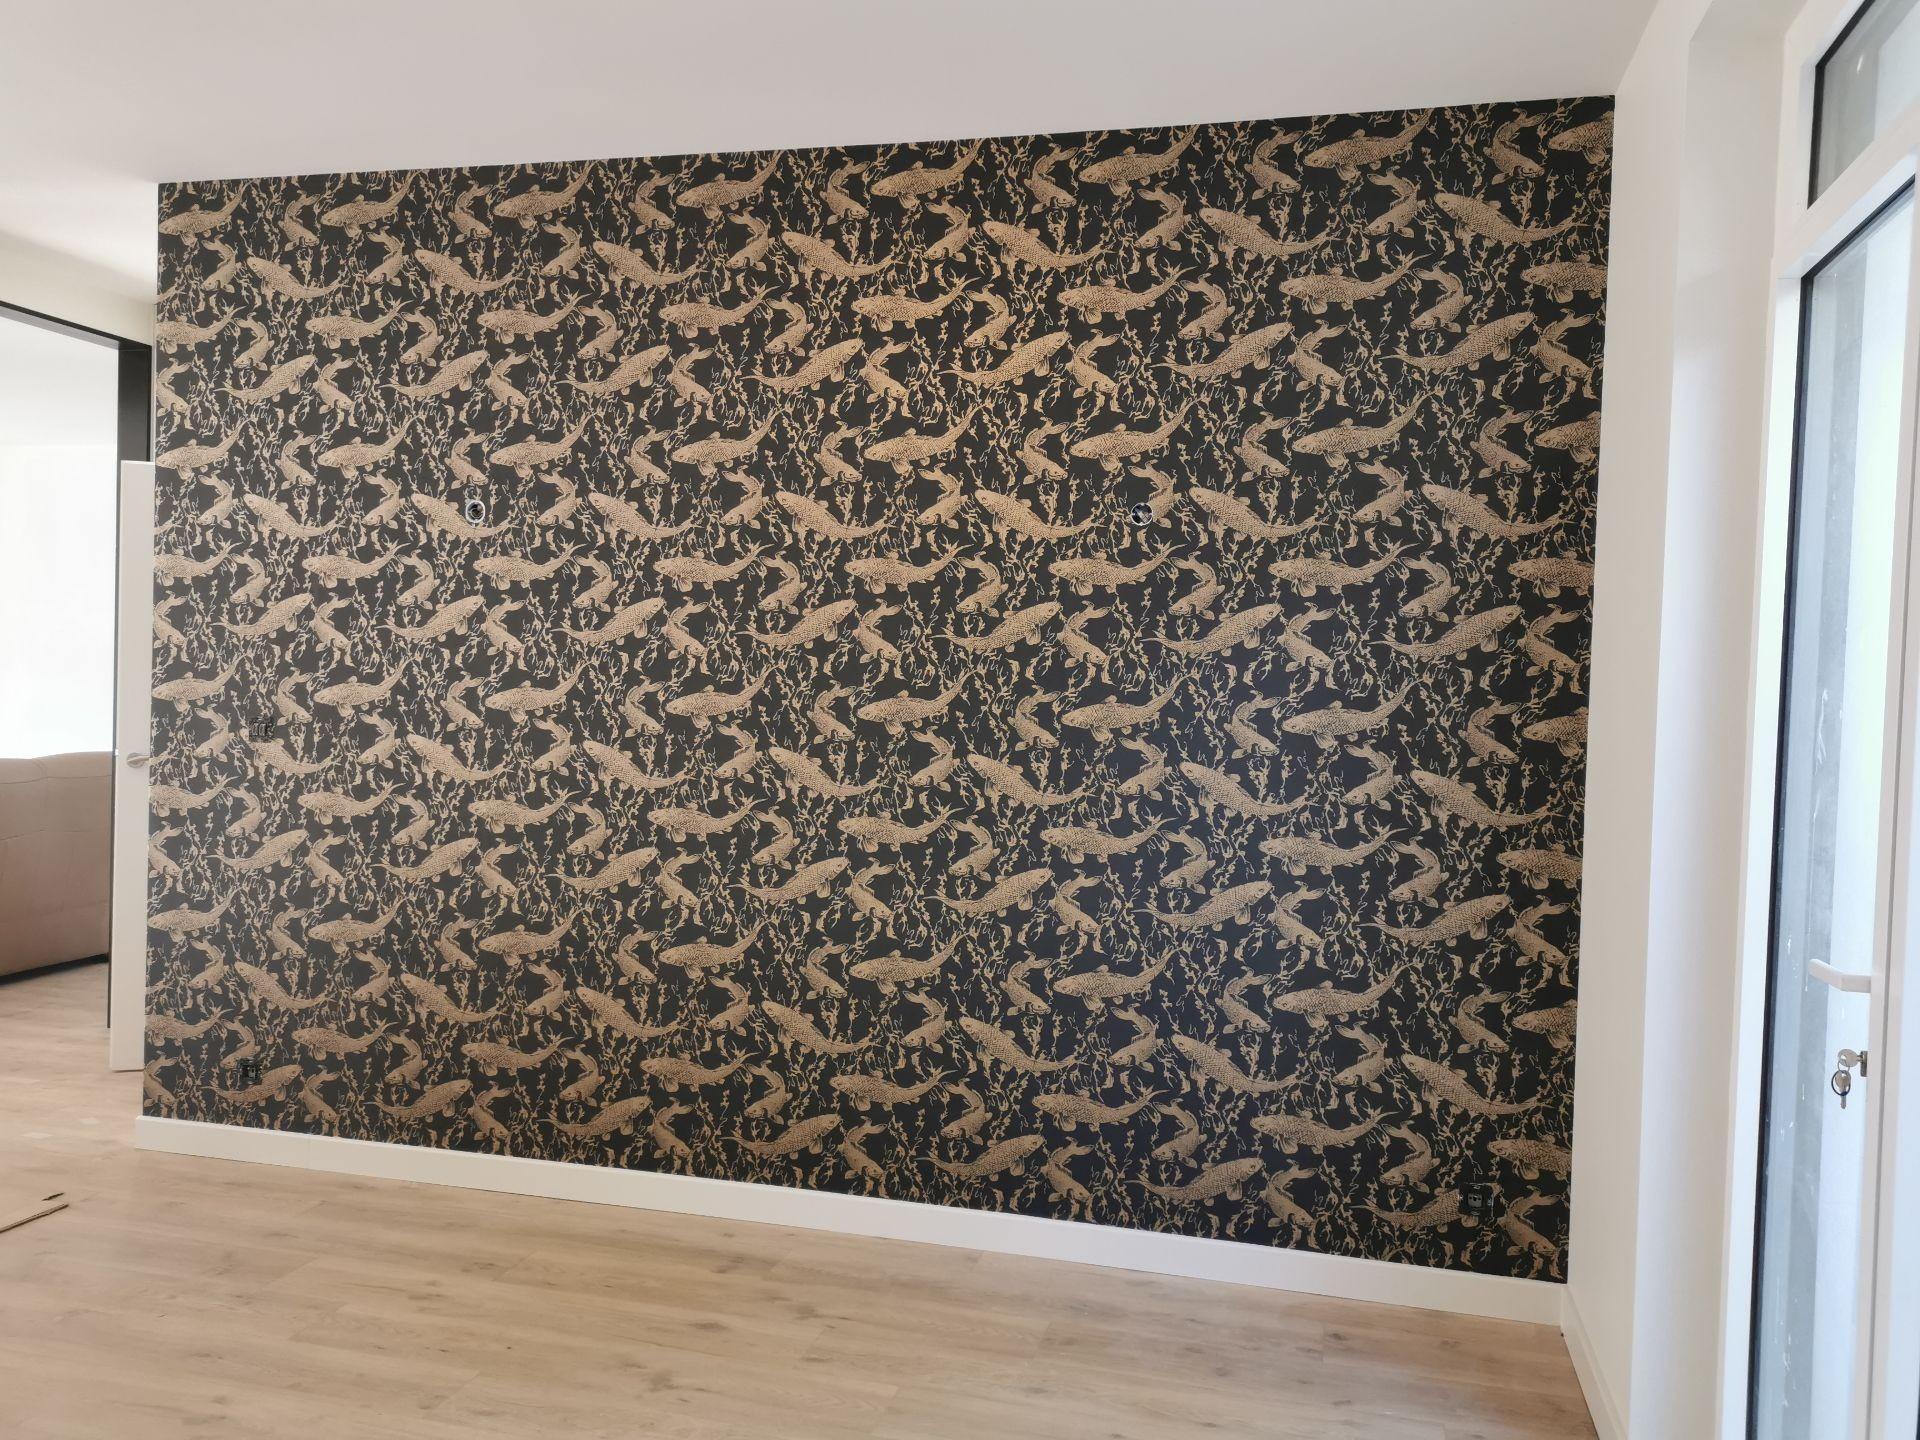 Photo réalisation - Peinture - Tapisserie - Maane - Challans (Centre) : Pose de papier peint a raccord ( carpe)